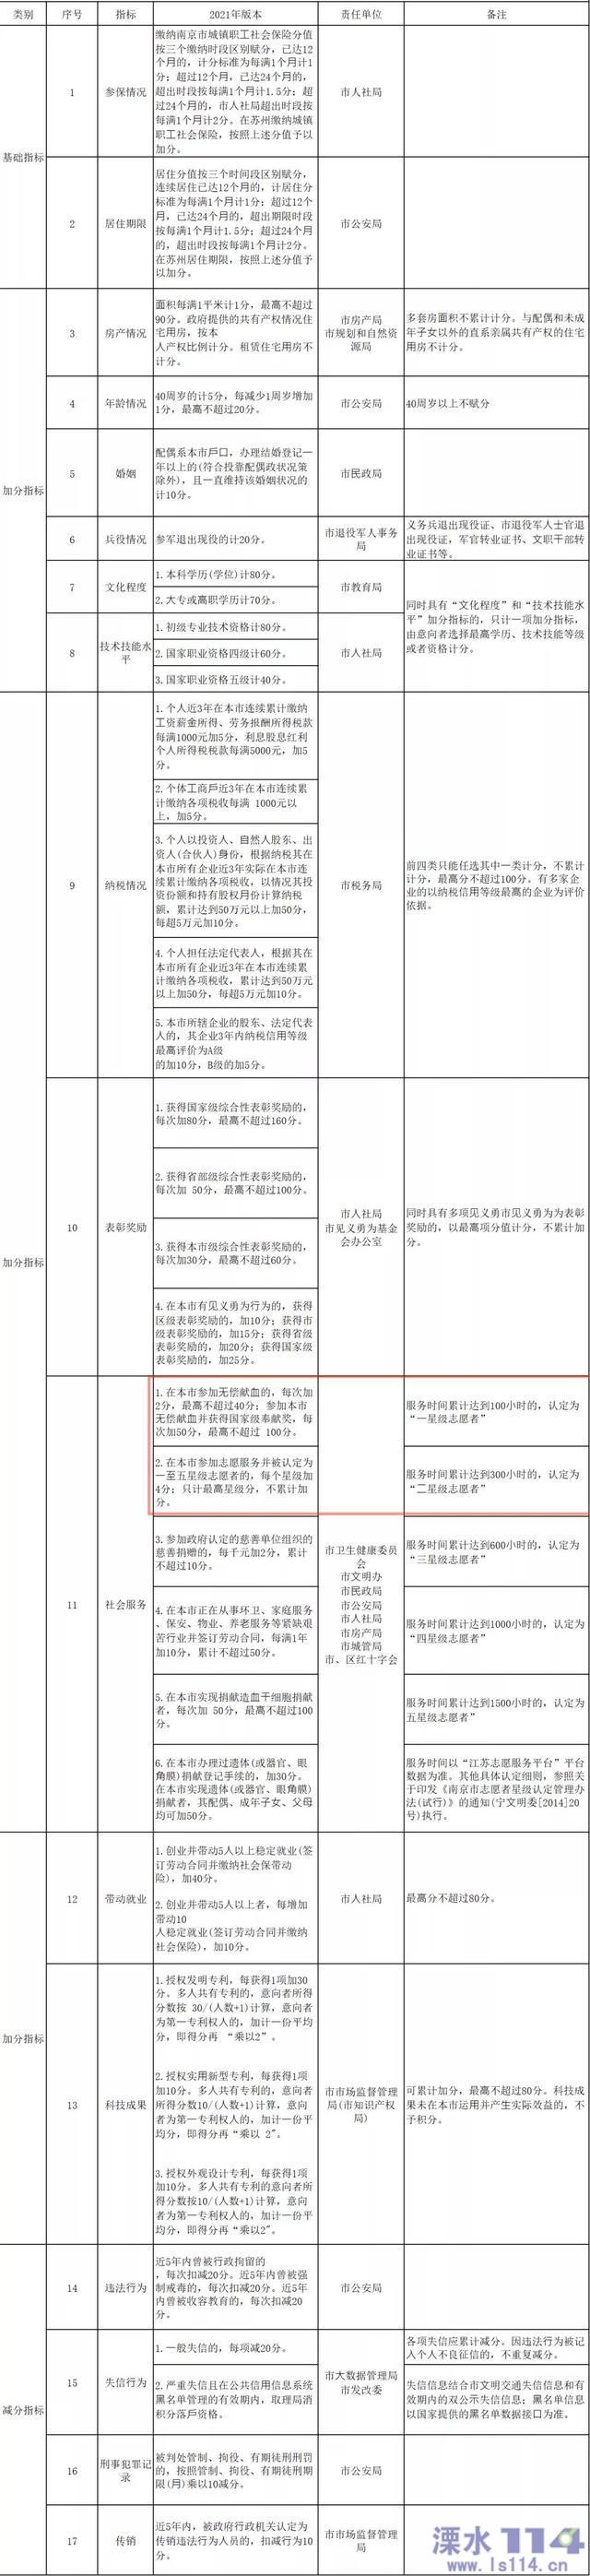 南京积分落户新办法9月起施行 献血最高可加100分